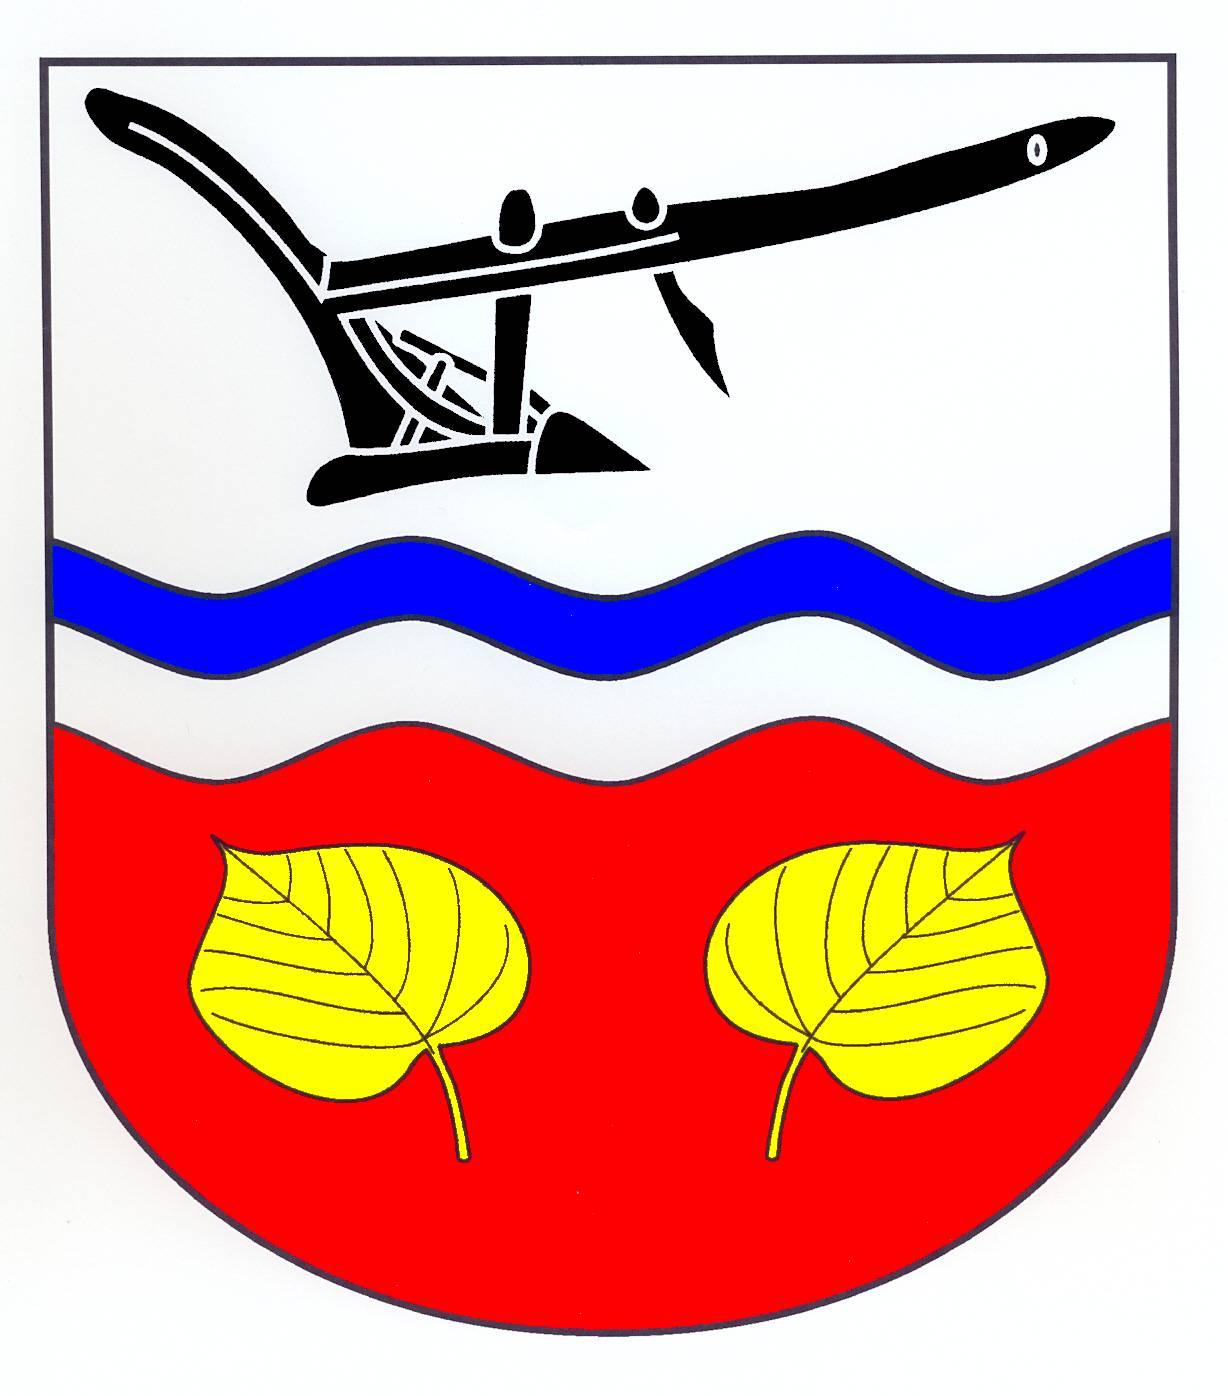 Wappen GemeindeHarmsdorf, Kreis Herzogtum Lauenburg